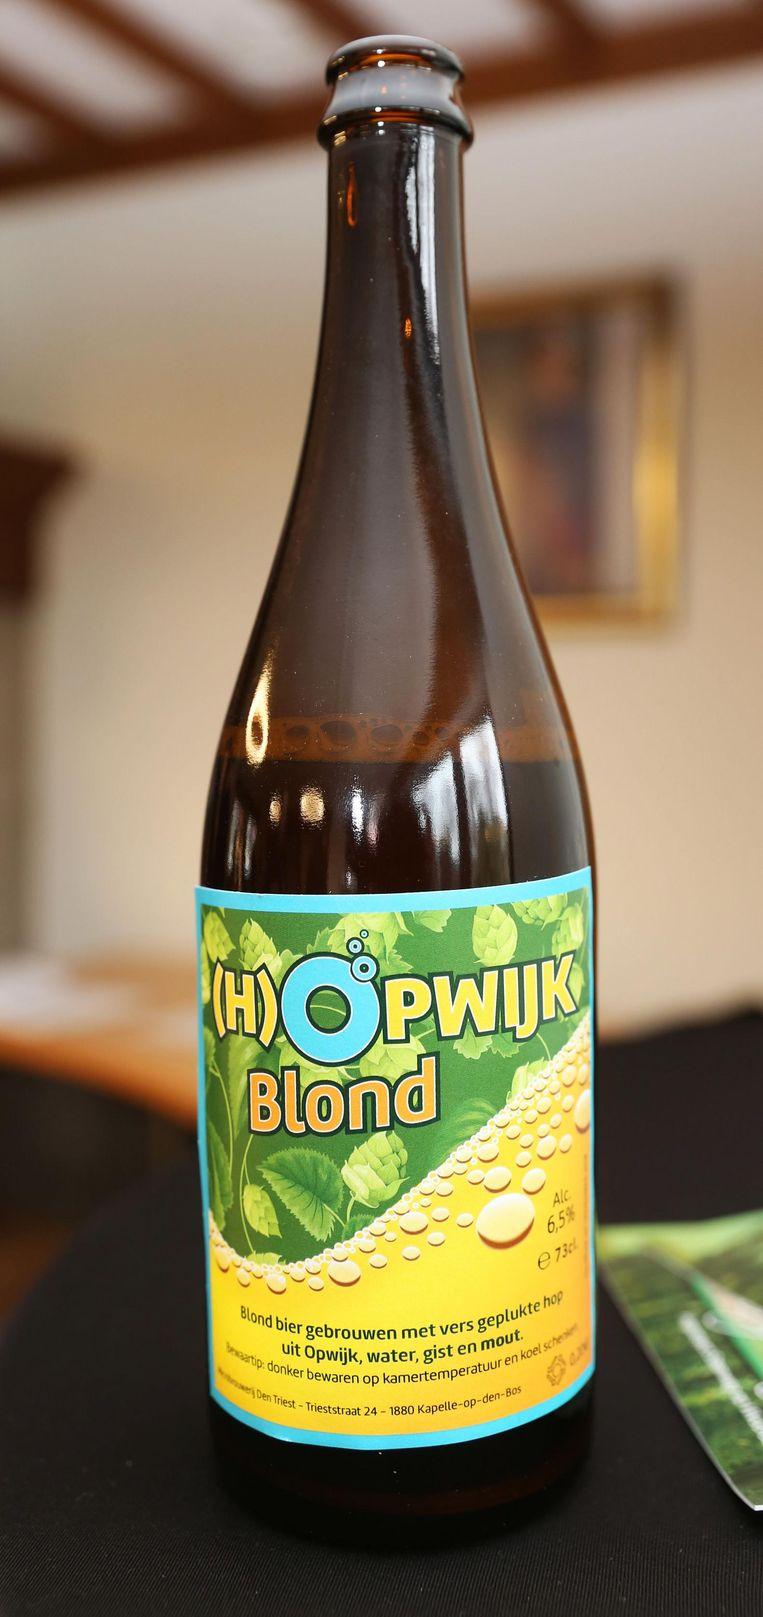 Het gemeentelijk biertje (H)Opwijk Blond werd gebotteld in flessen van 75 centiliter. Het etiket werd gemaakt in de blauw-gele kleuren van de gemeente.